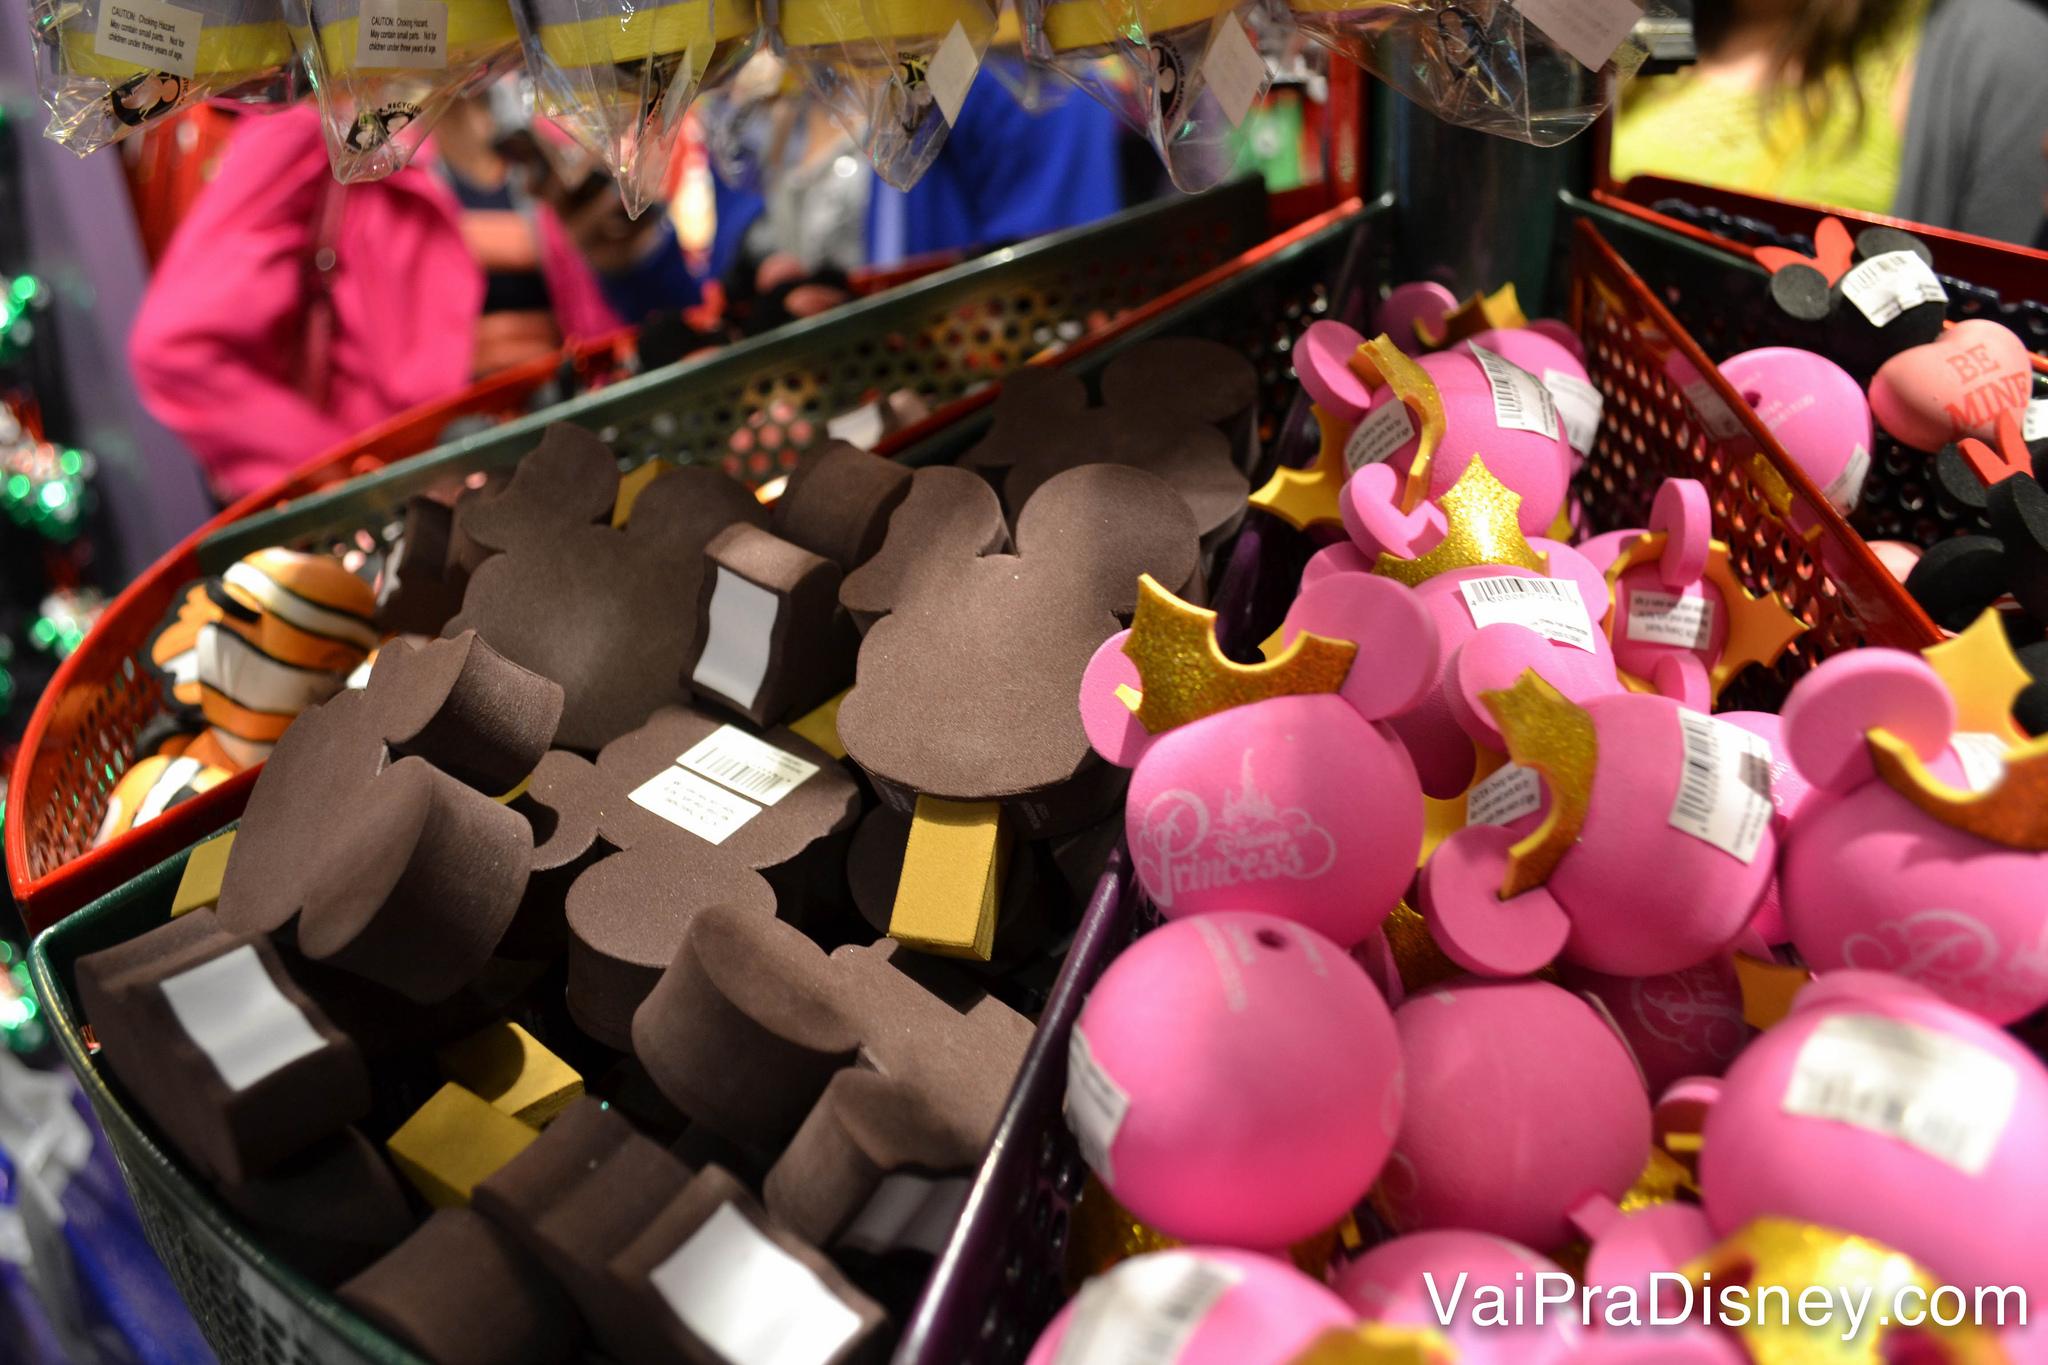 Melhores lojas da Disney para comprar lembrancinhas - Vai pra Disney  9e723a19e6